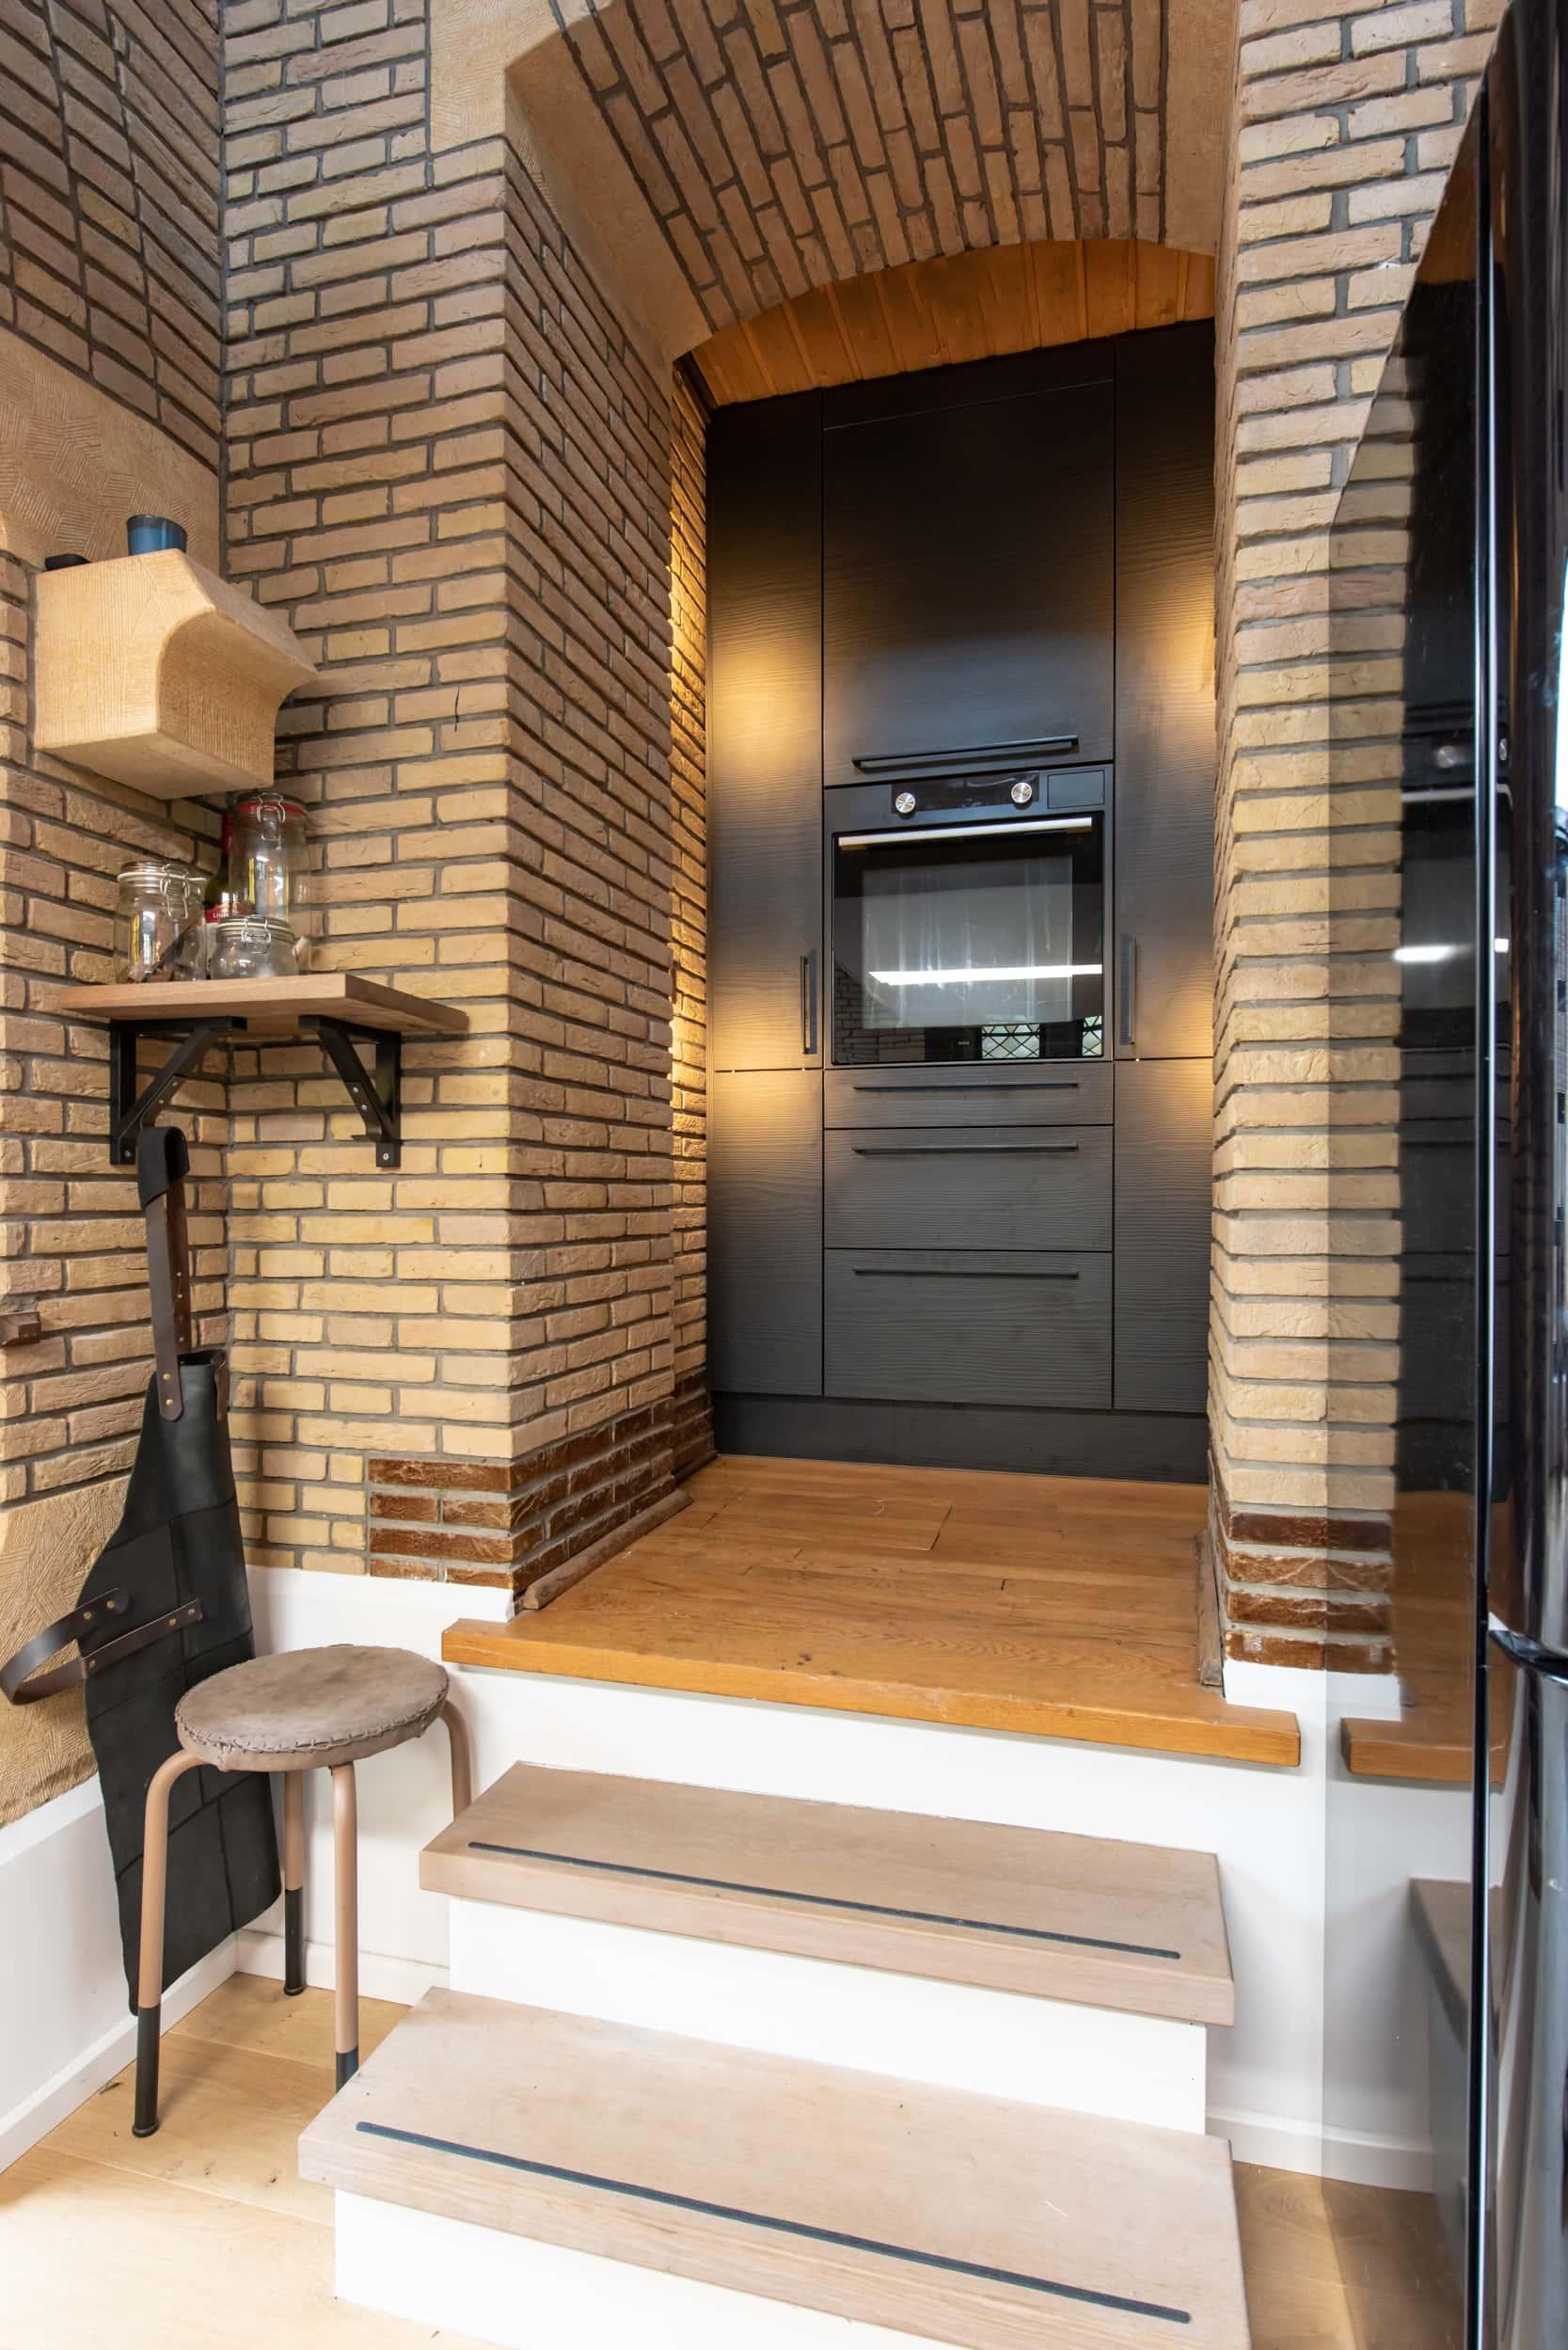 van-os-architecten-verbouwing-kapel-tot-woonhuis-oranjeboomstraat-breda-kastenwand-keuken-in-oude-metselwerk-nis